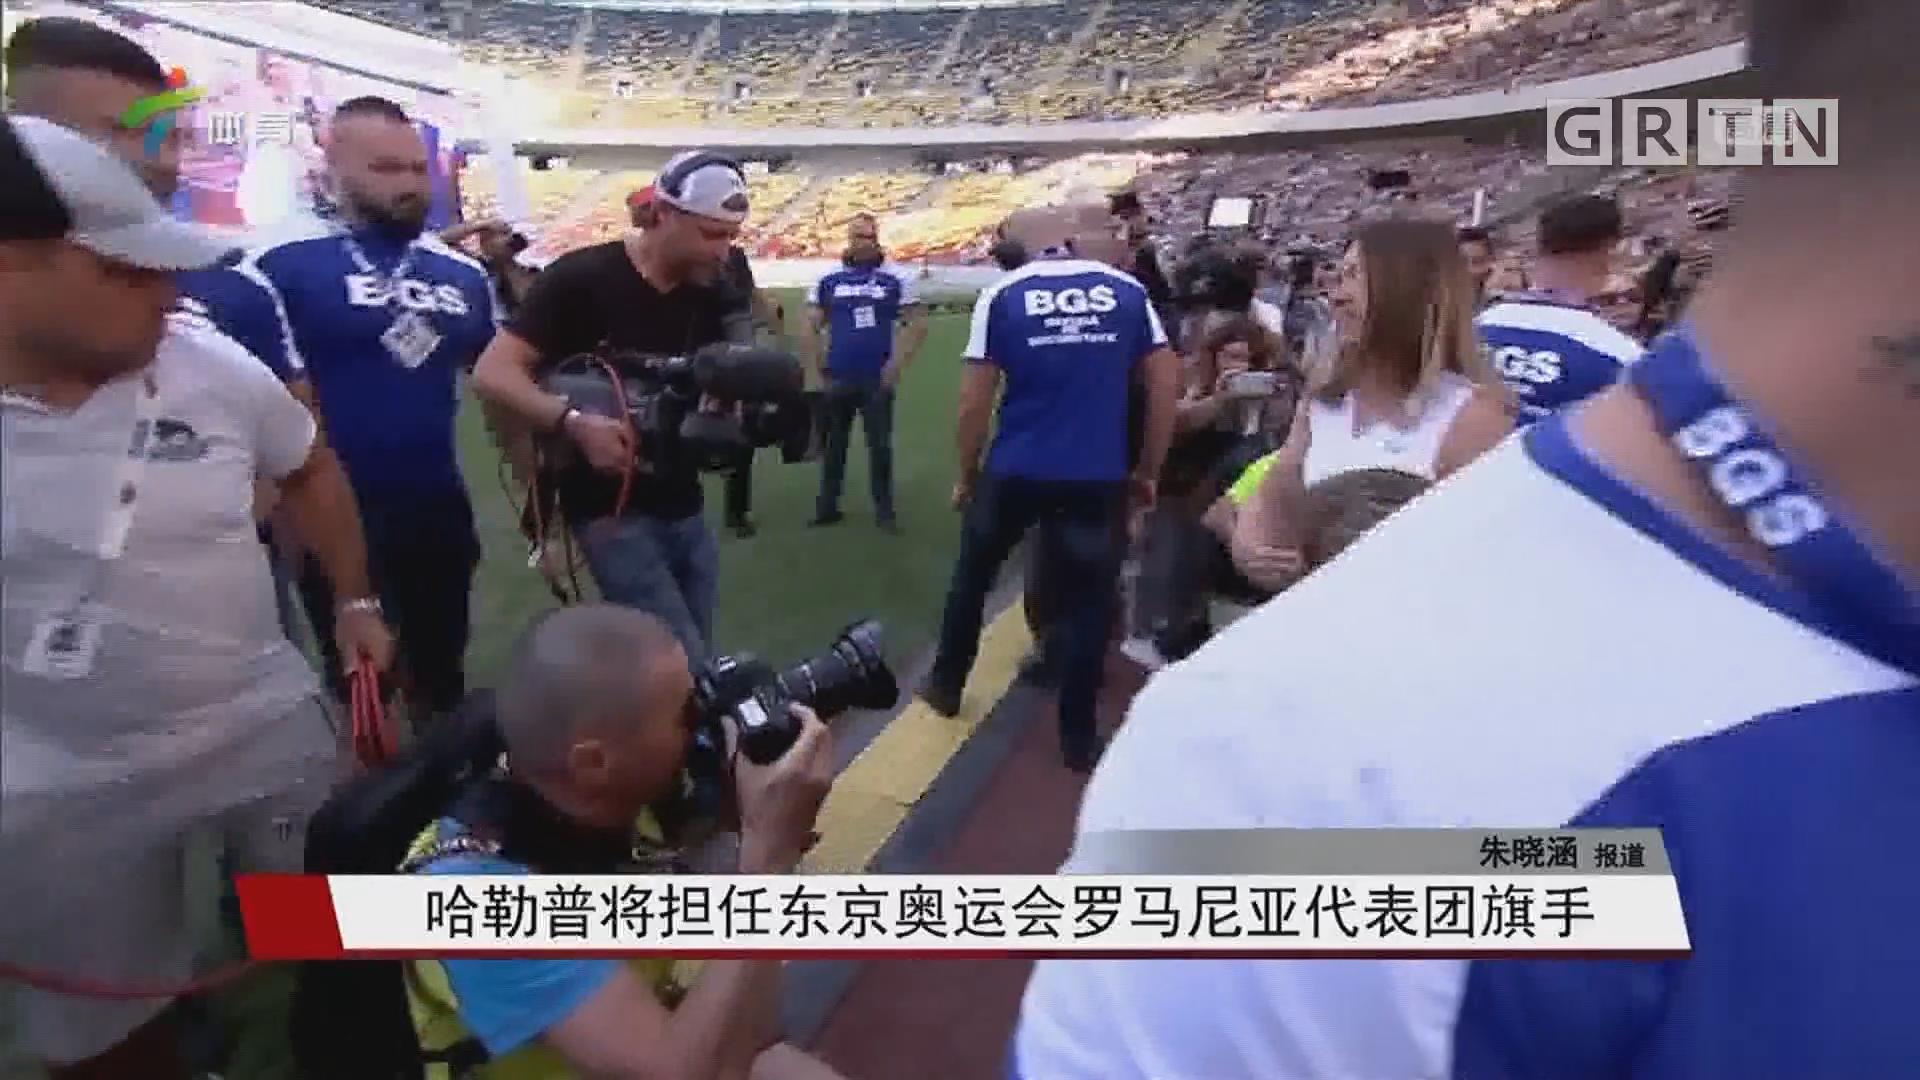 哈勒普将担任东京奥运会罗马尼亚代表团旗手